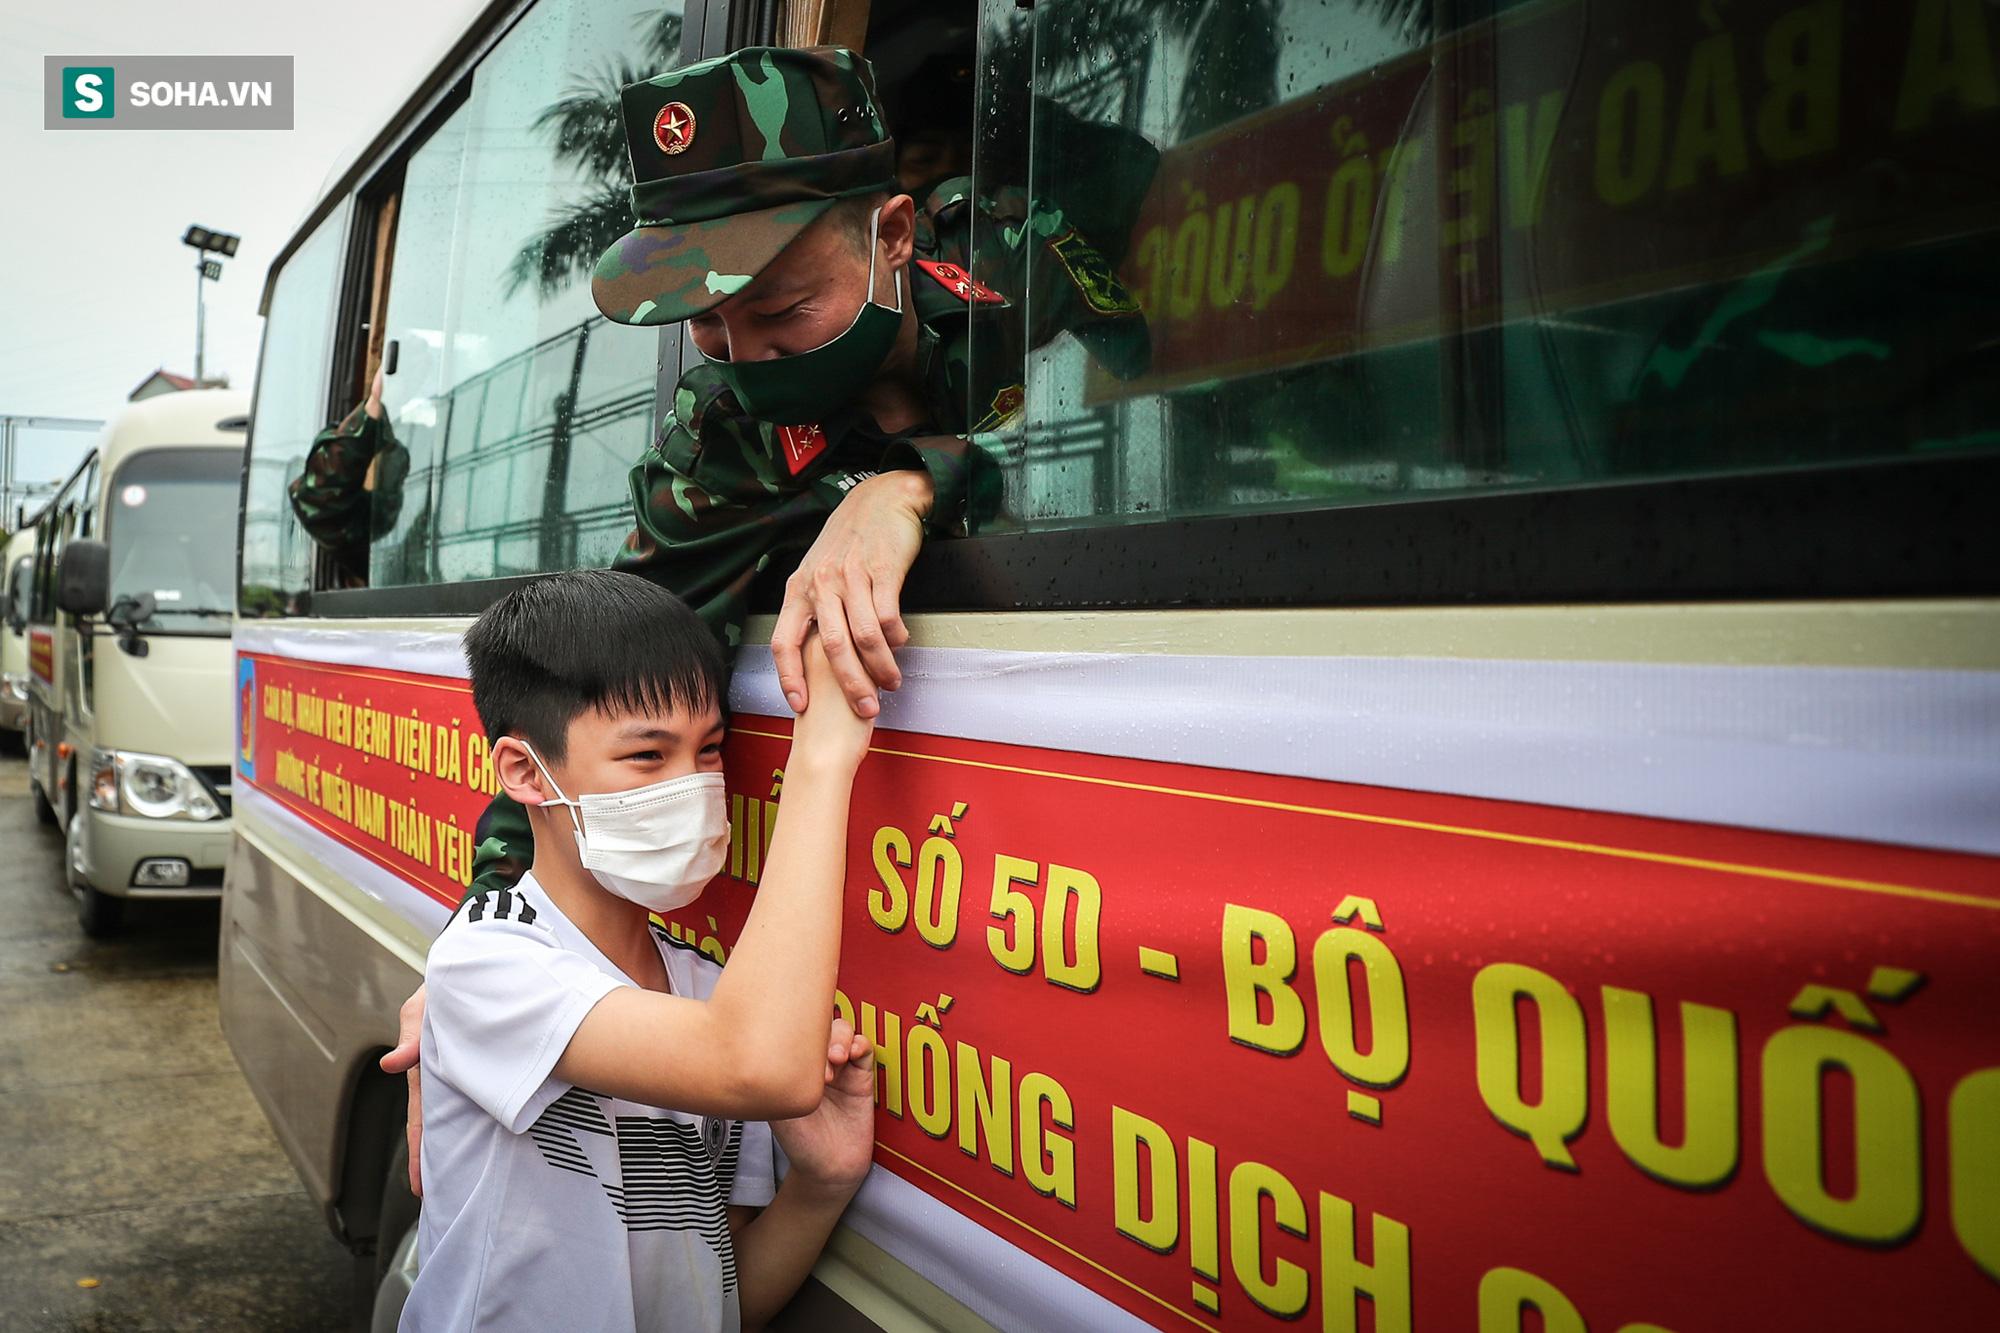 Khoảnh khắc xúc động của 130 y bác sĩ lên đường chi viện cho miền Nam chống dịch - Ảnh 6.